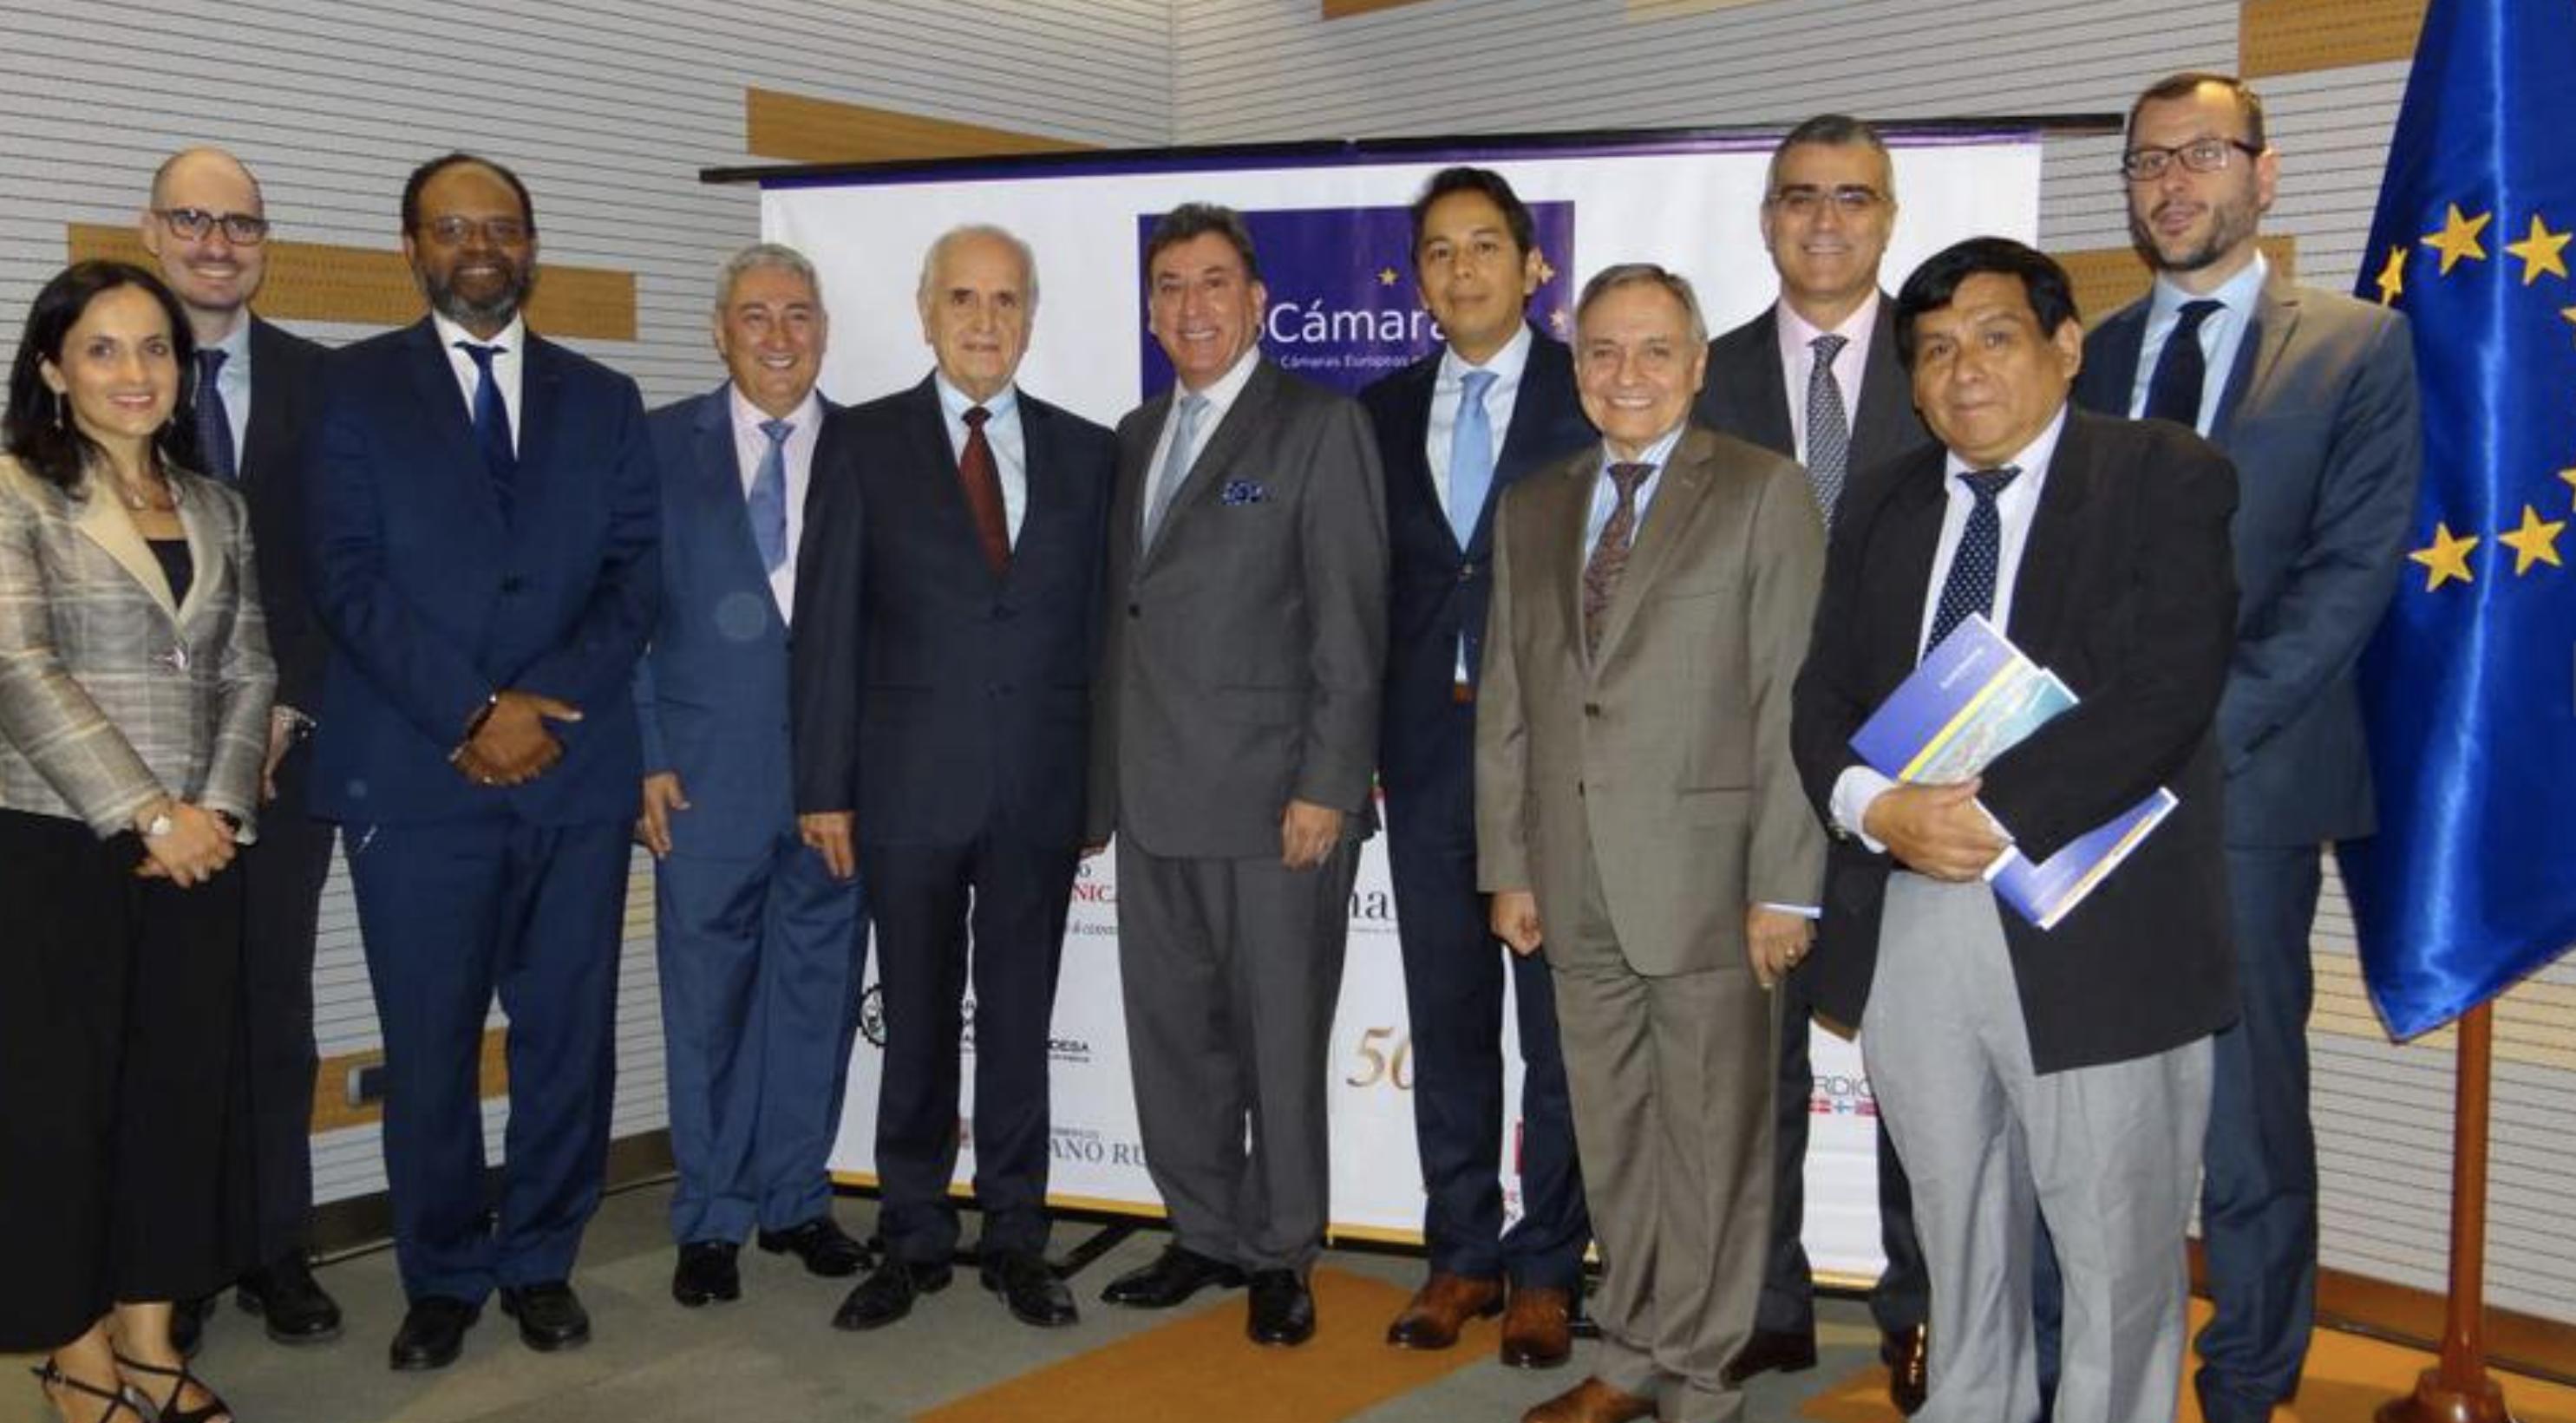 Grupo de Presidente_gerentes de EuroCamaras .png